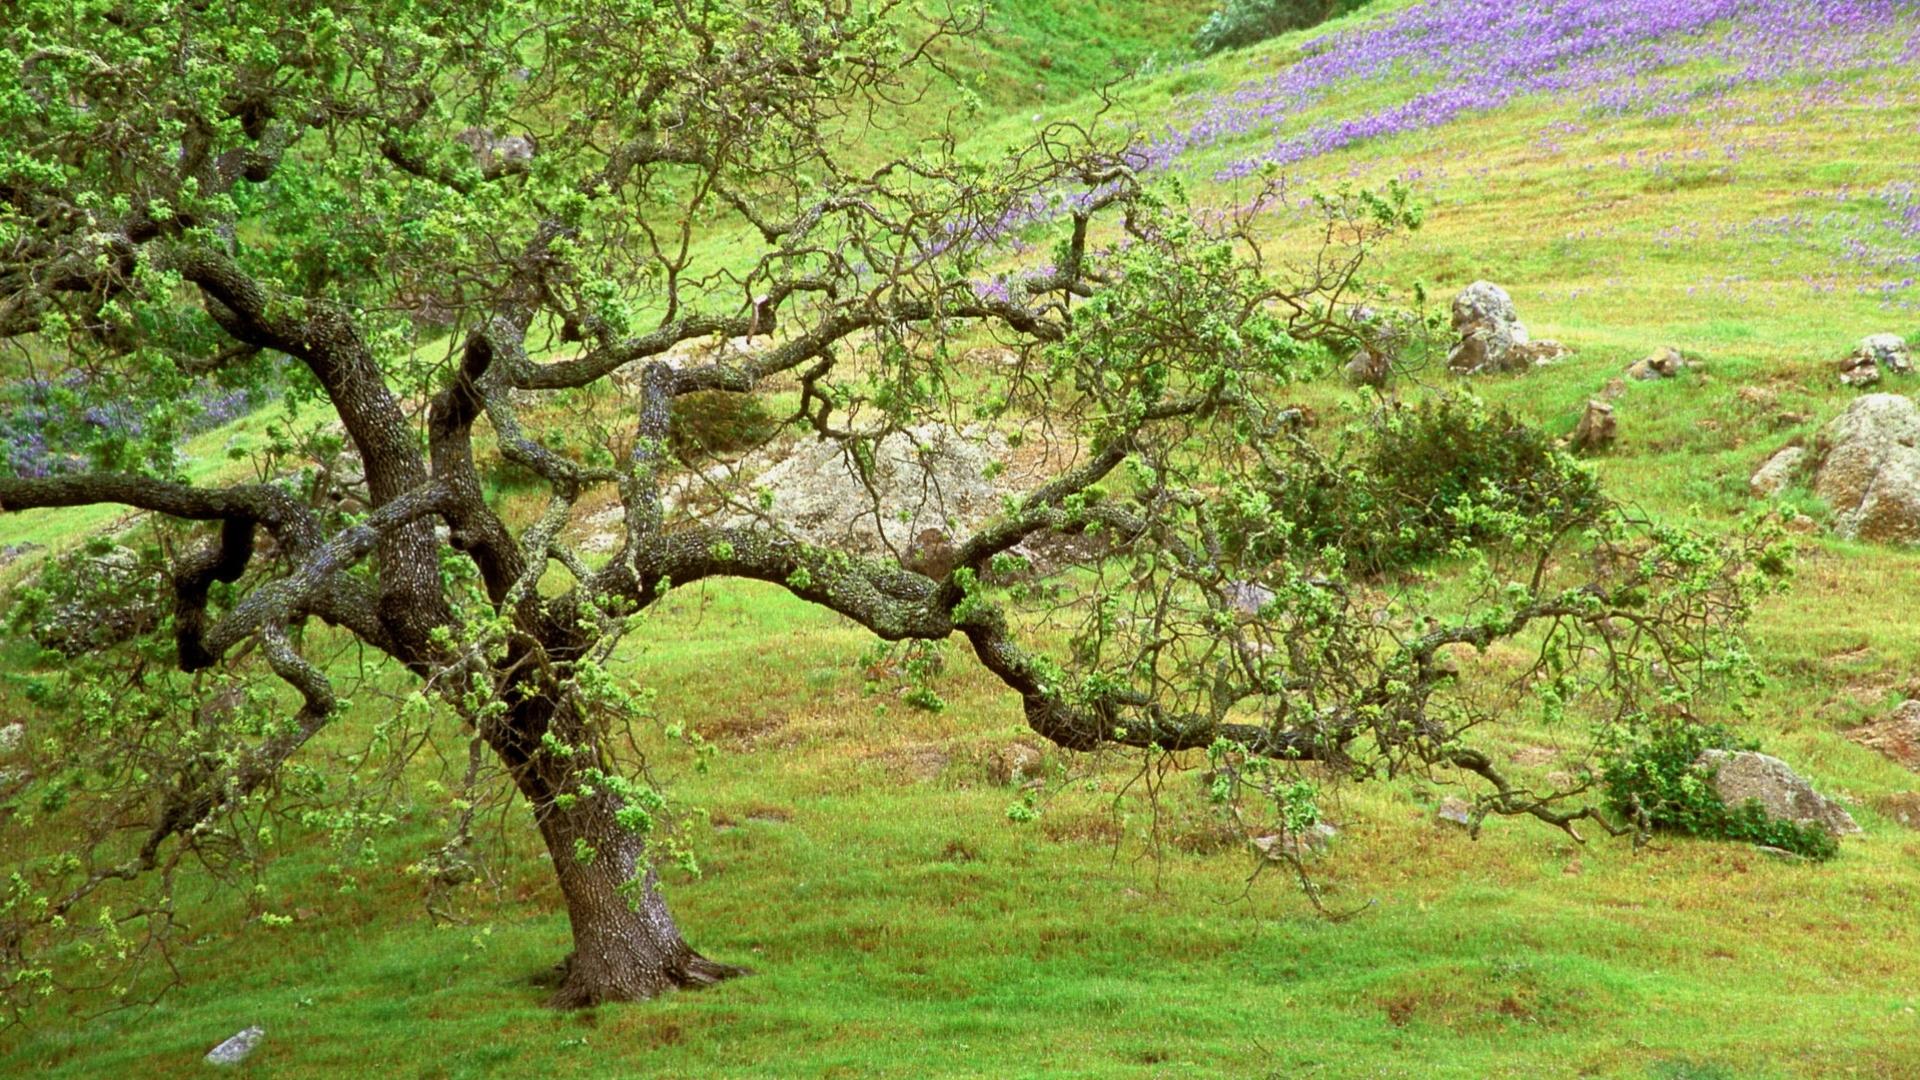 46735 скачать обои Пейзаж, Природа, Деревья - заставки и картинки бесплатно